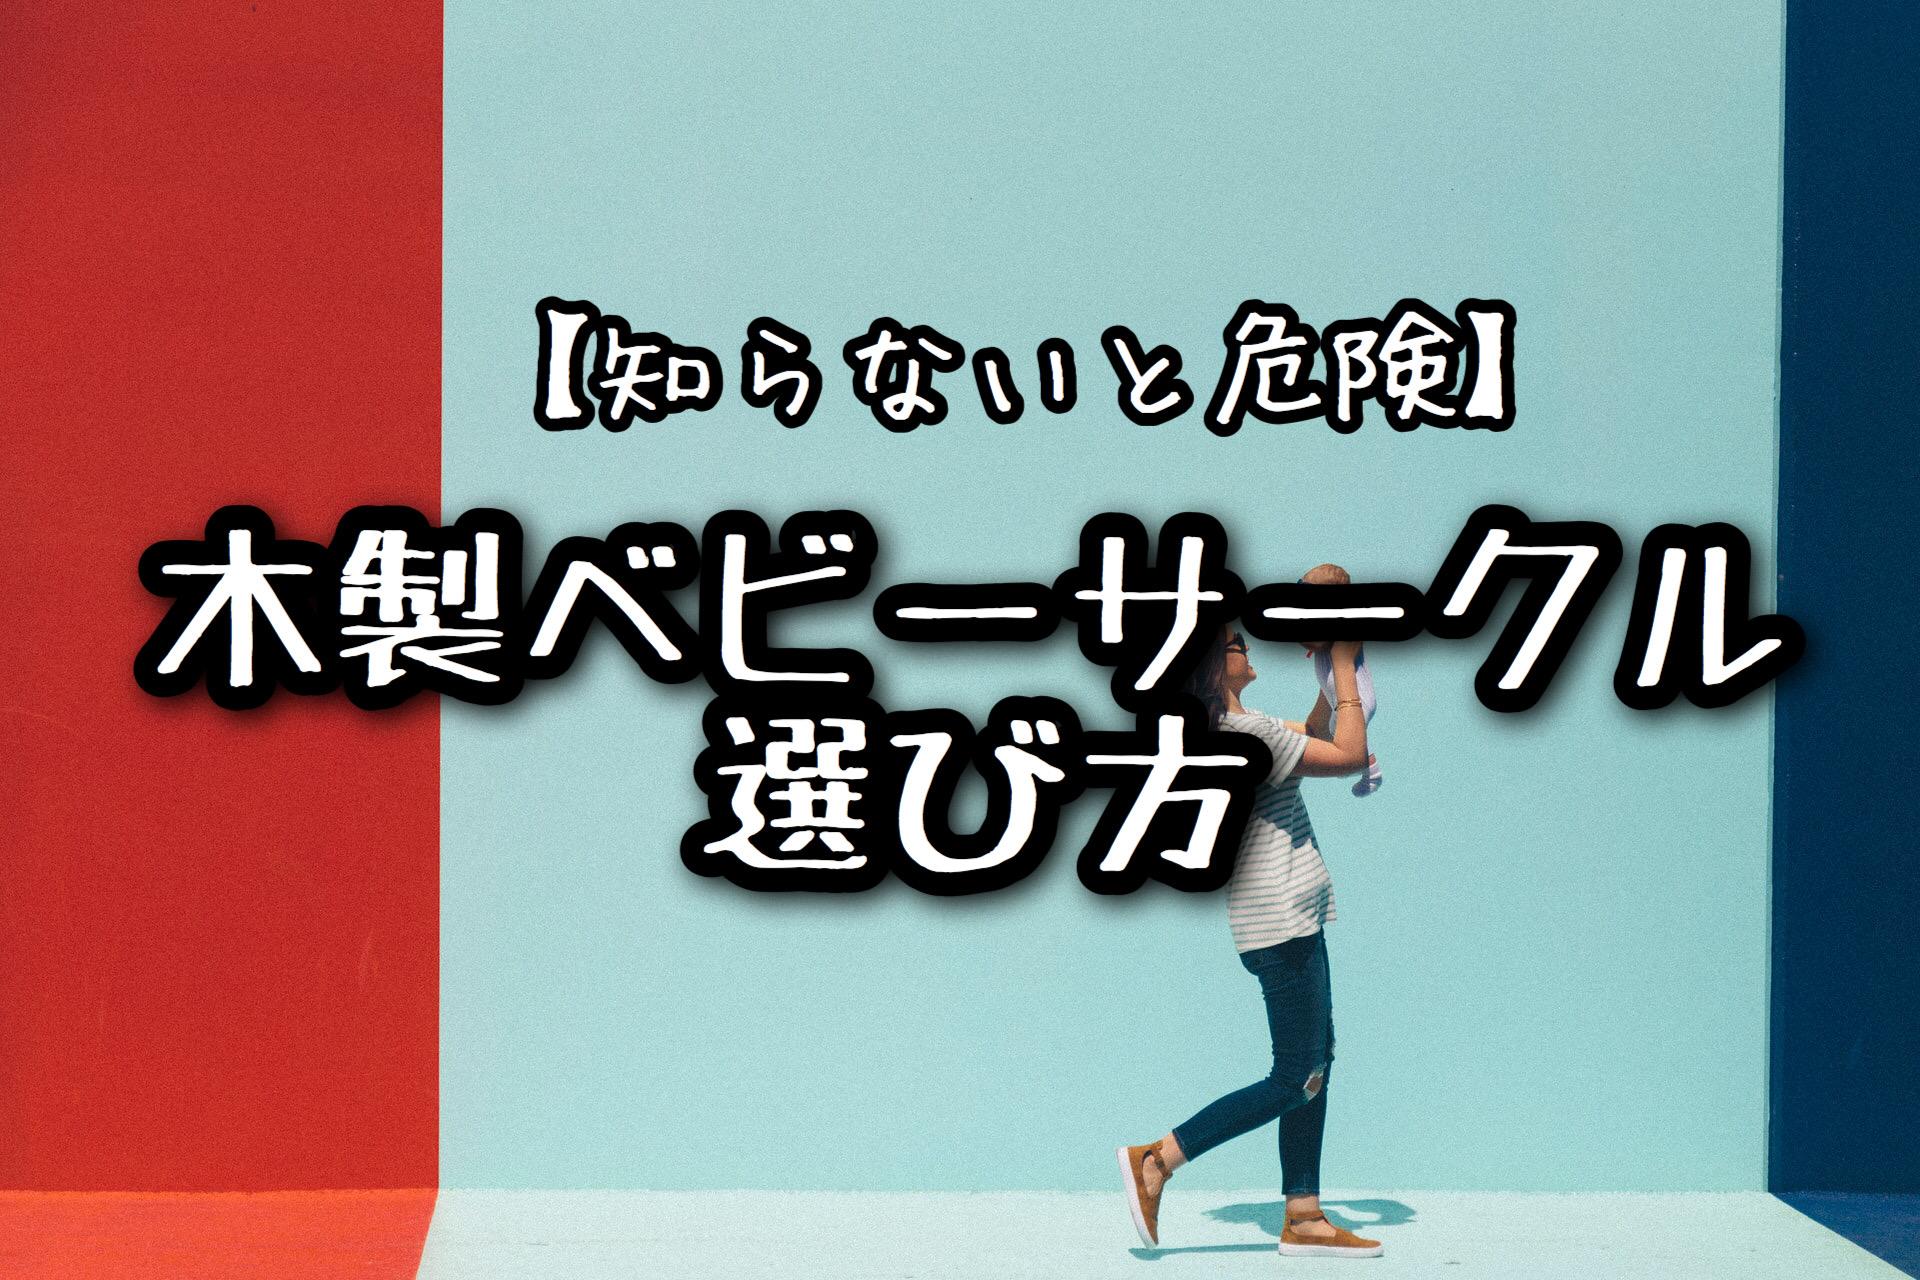 【知らないと危険】木製ベビーサークルの選び方を解説!